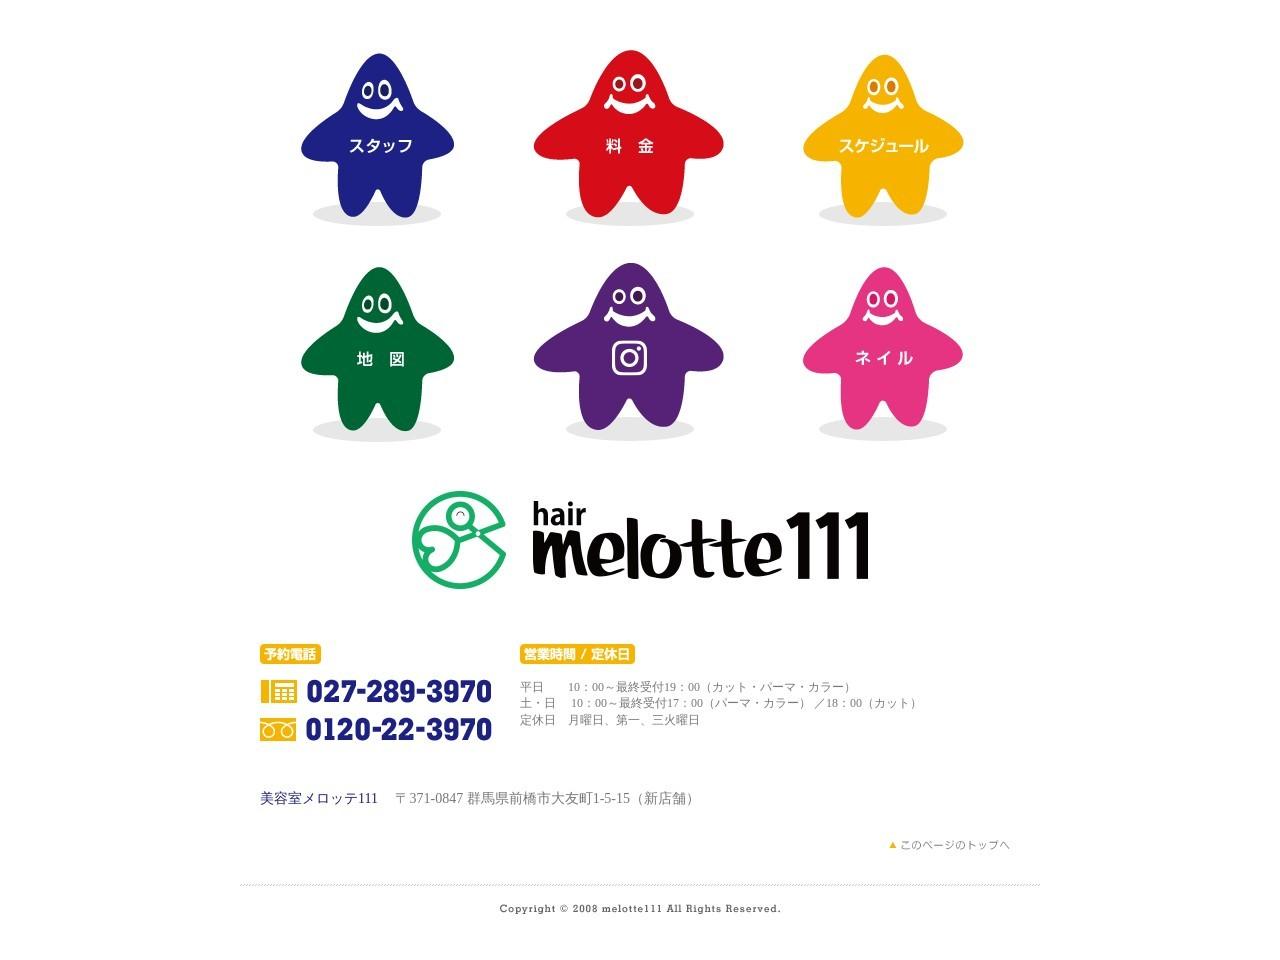 Melotte 111